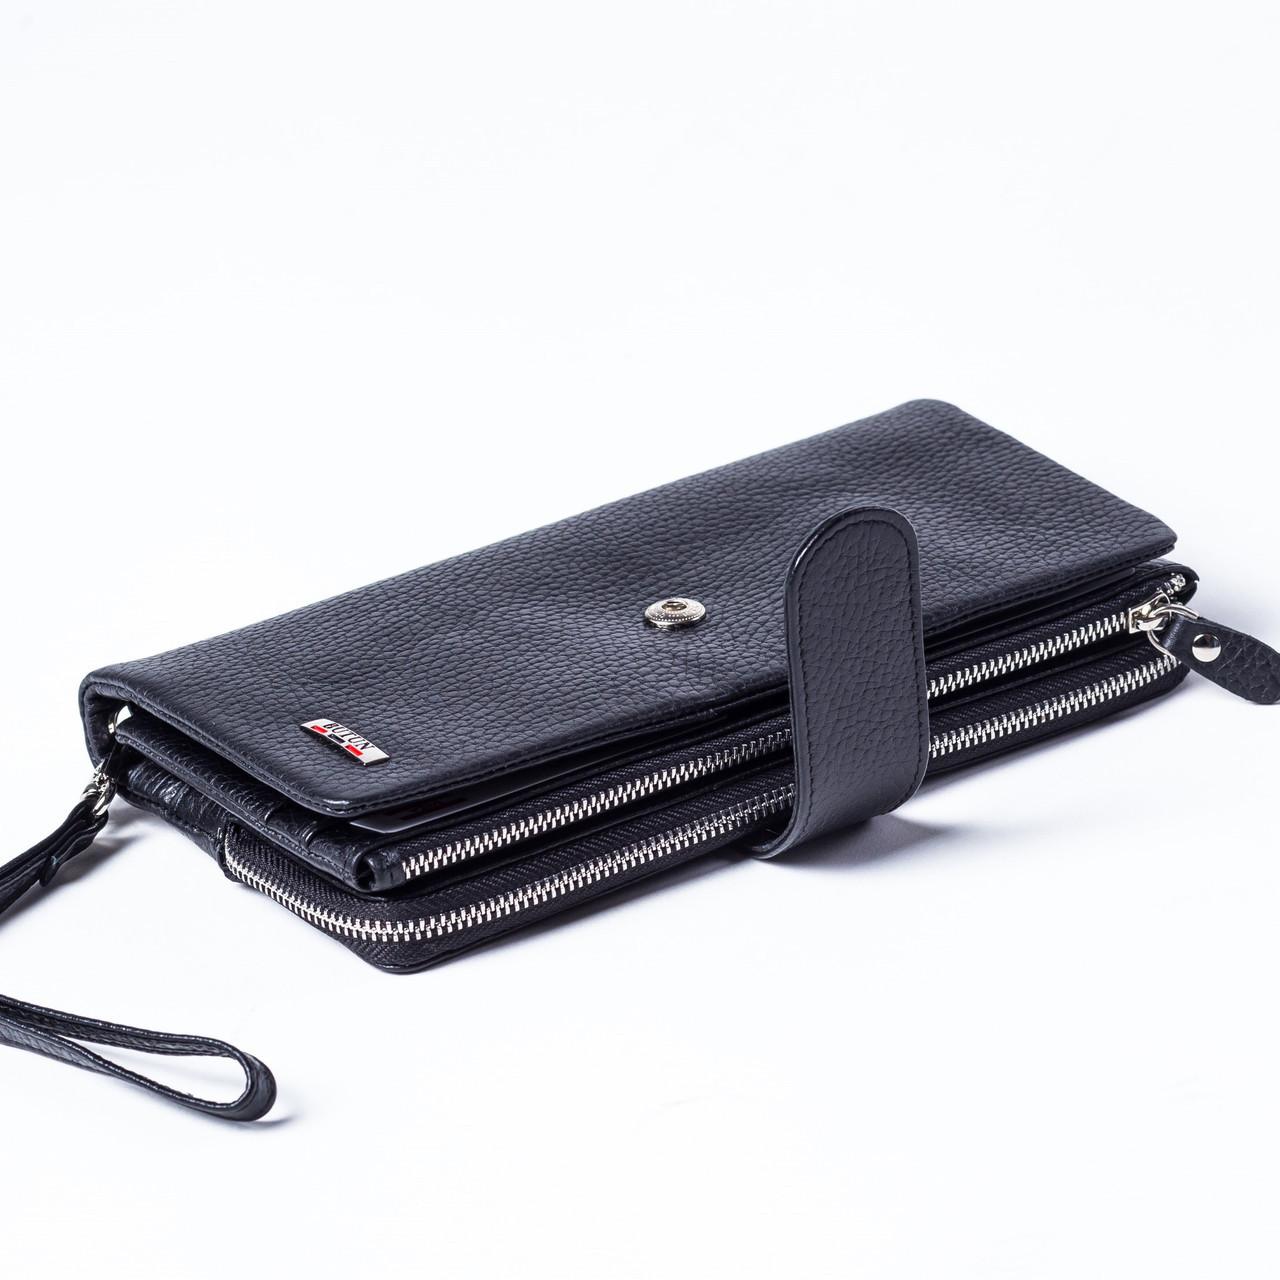 162a57002b7d Мужской кошелек клатч кожаный черный BUTUN 022-004-001 - Інтернет-магазин